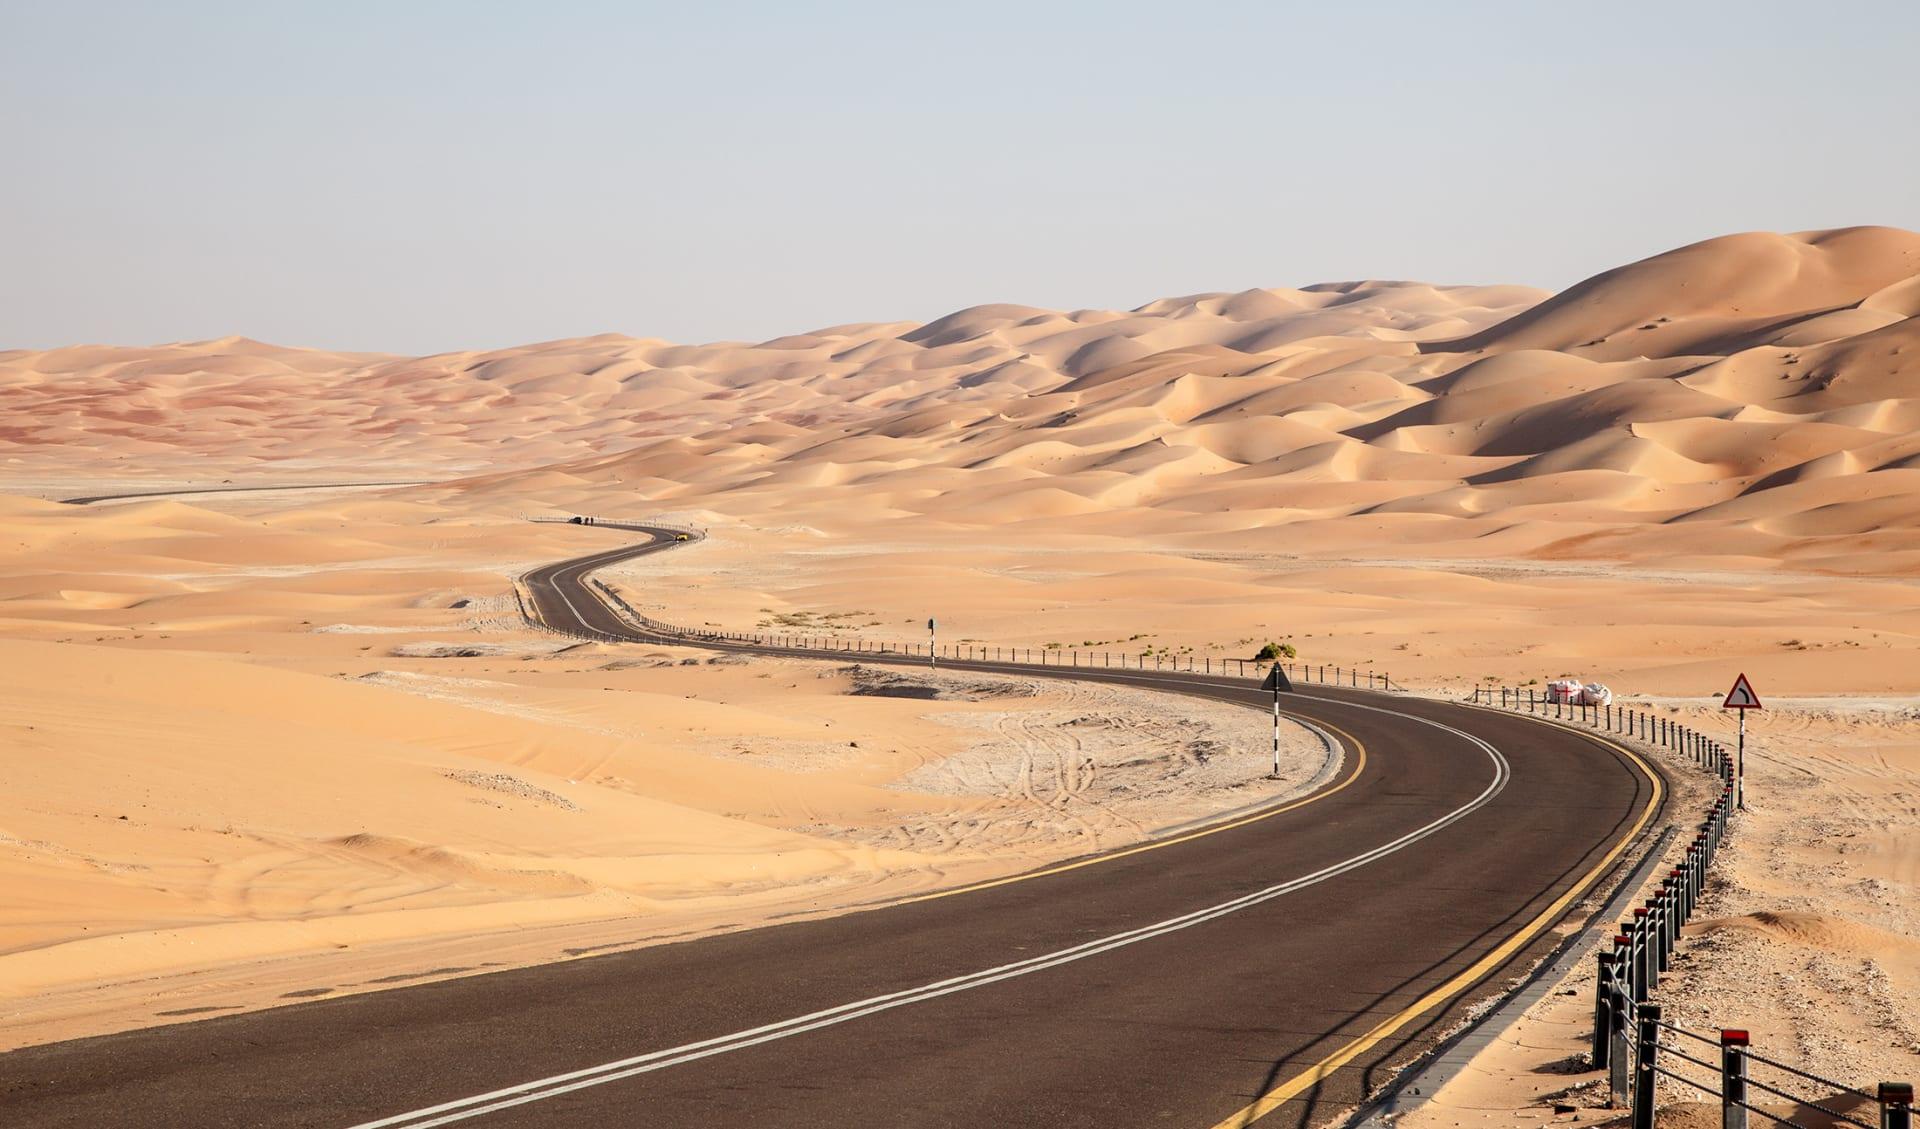 Strasse in der Wüste, Vereinigte Arabische Emirate